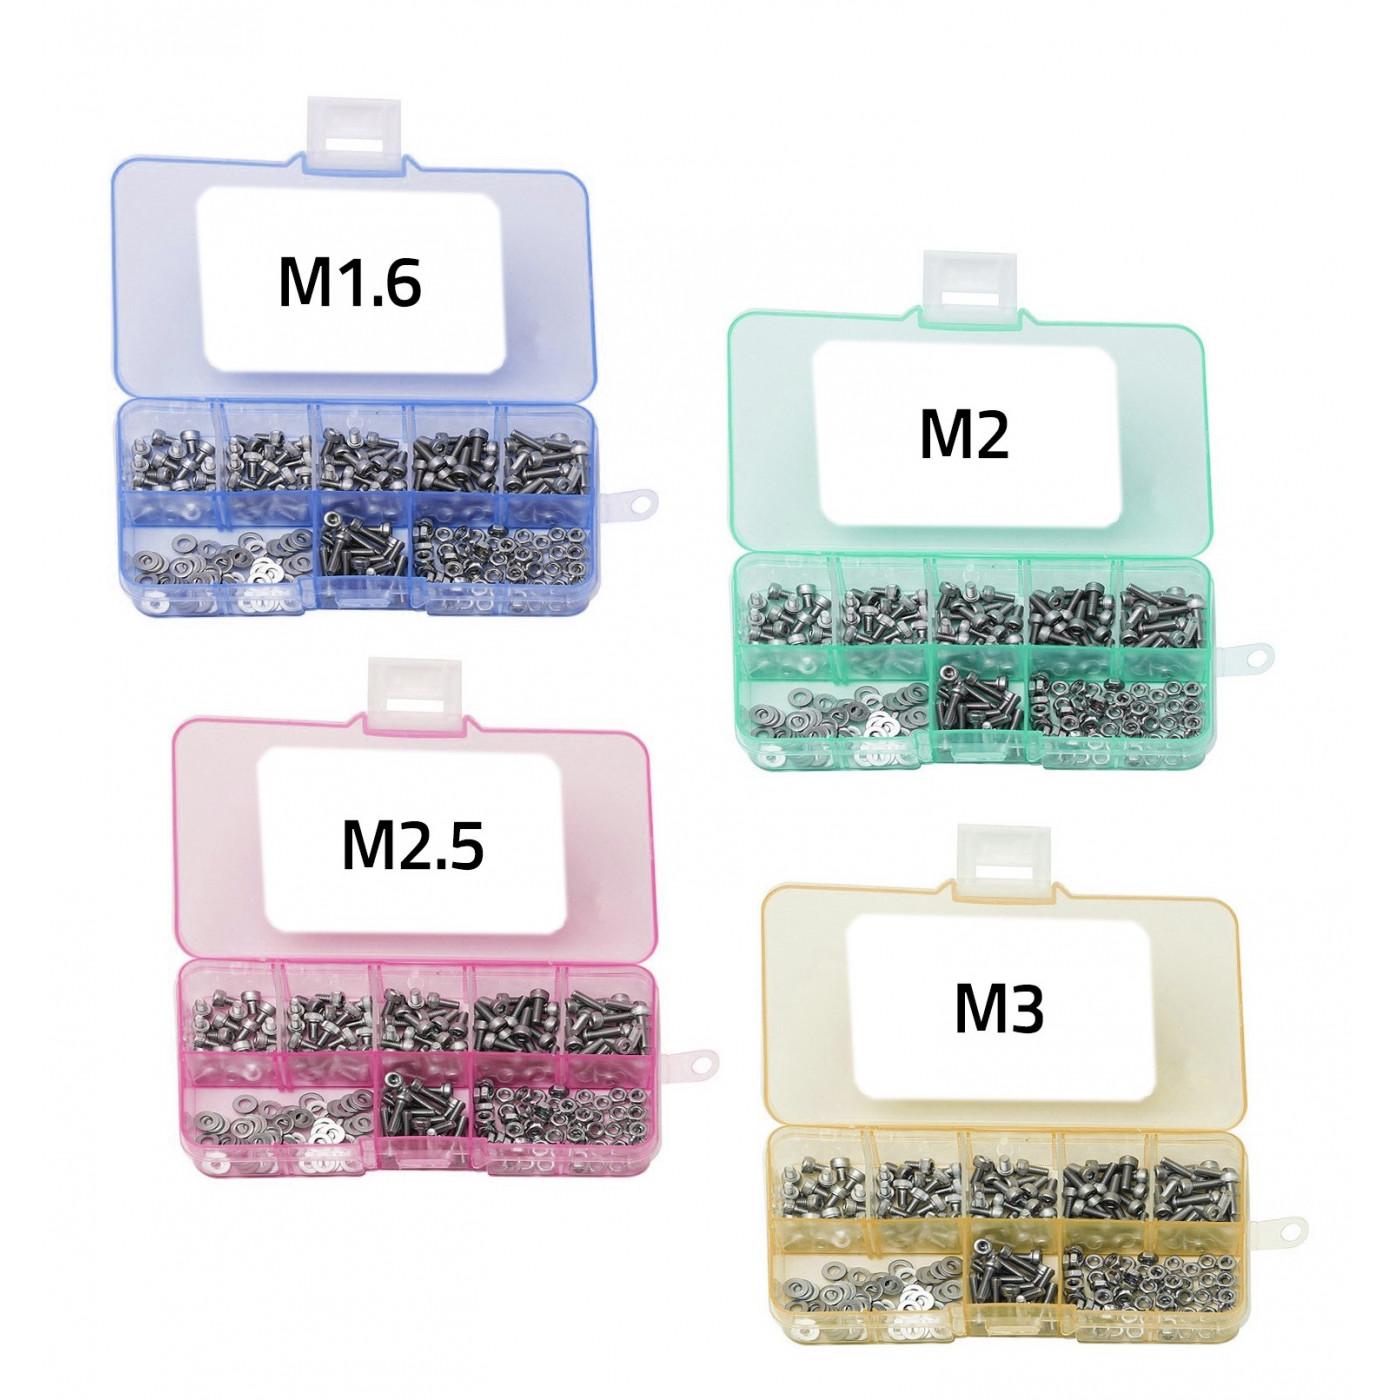 Conjunto de 1000 piezas pequeñas de pernos, tuercas y arandelas, tamaños: M1.6-M3  - 1